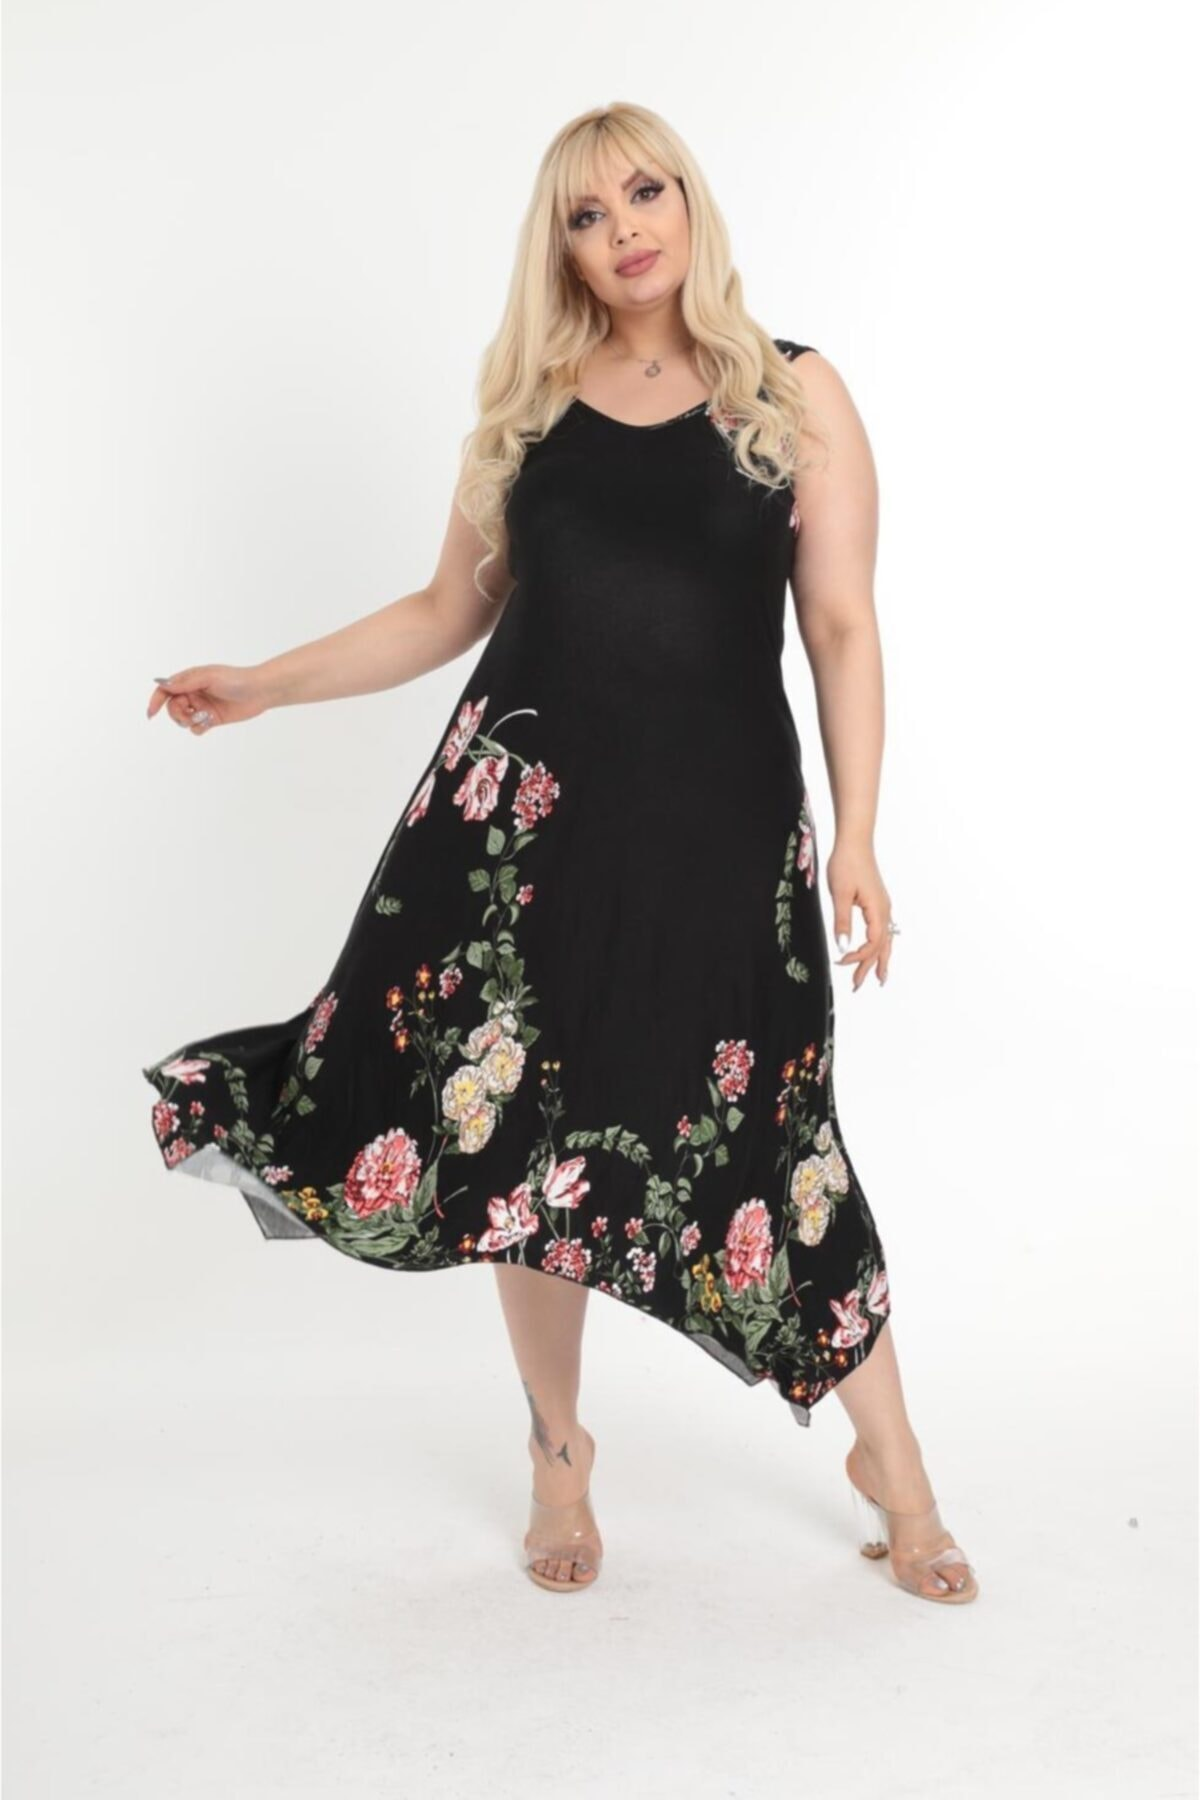 Kadın Büyük Beden Siyah Çiçek Desen Askılı Toka Detaylı Elbise